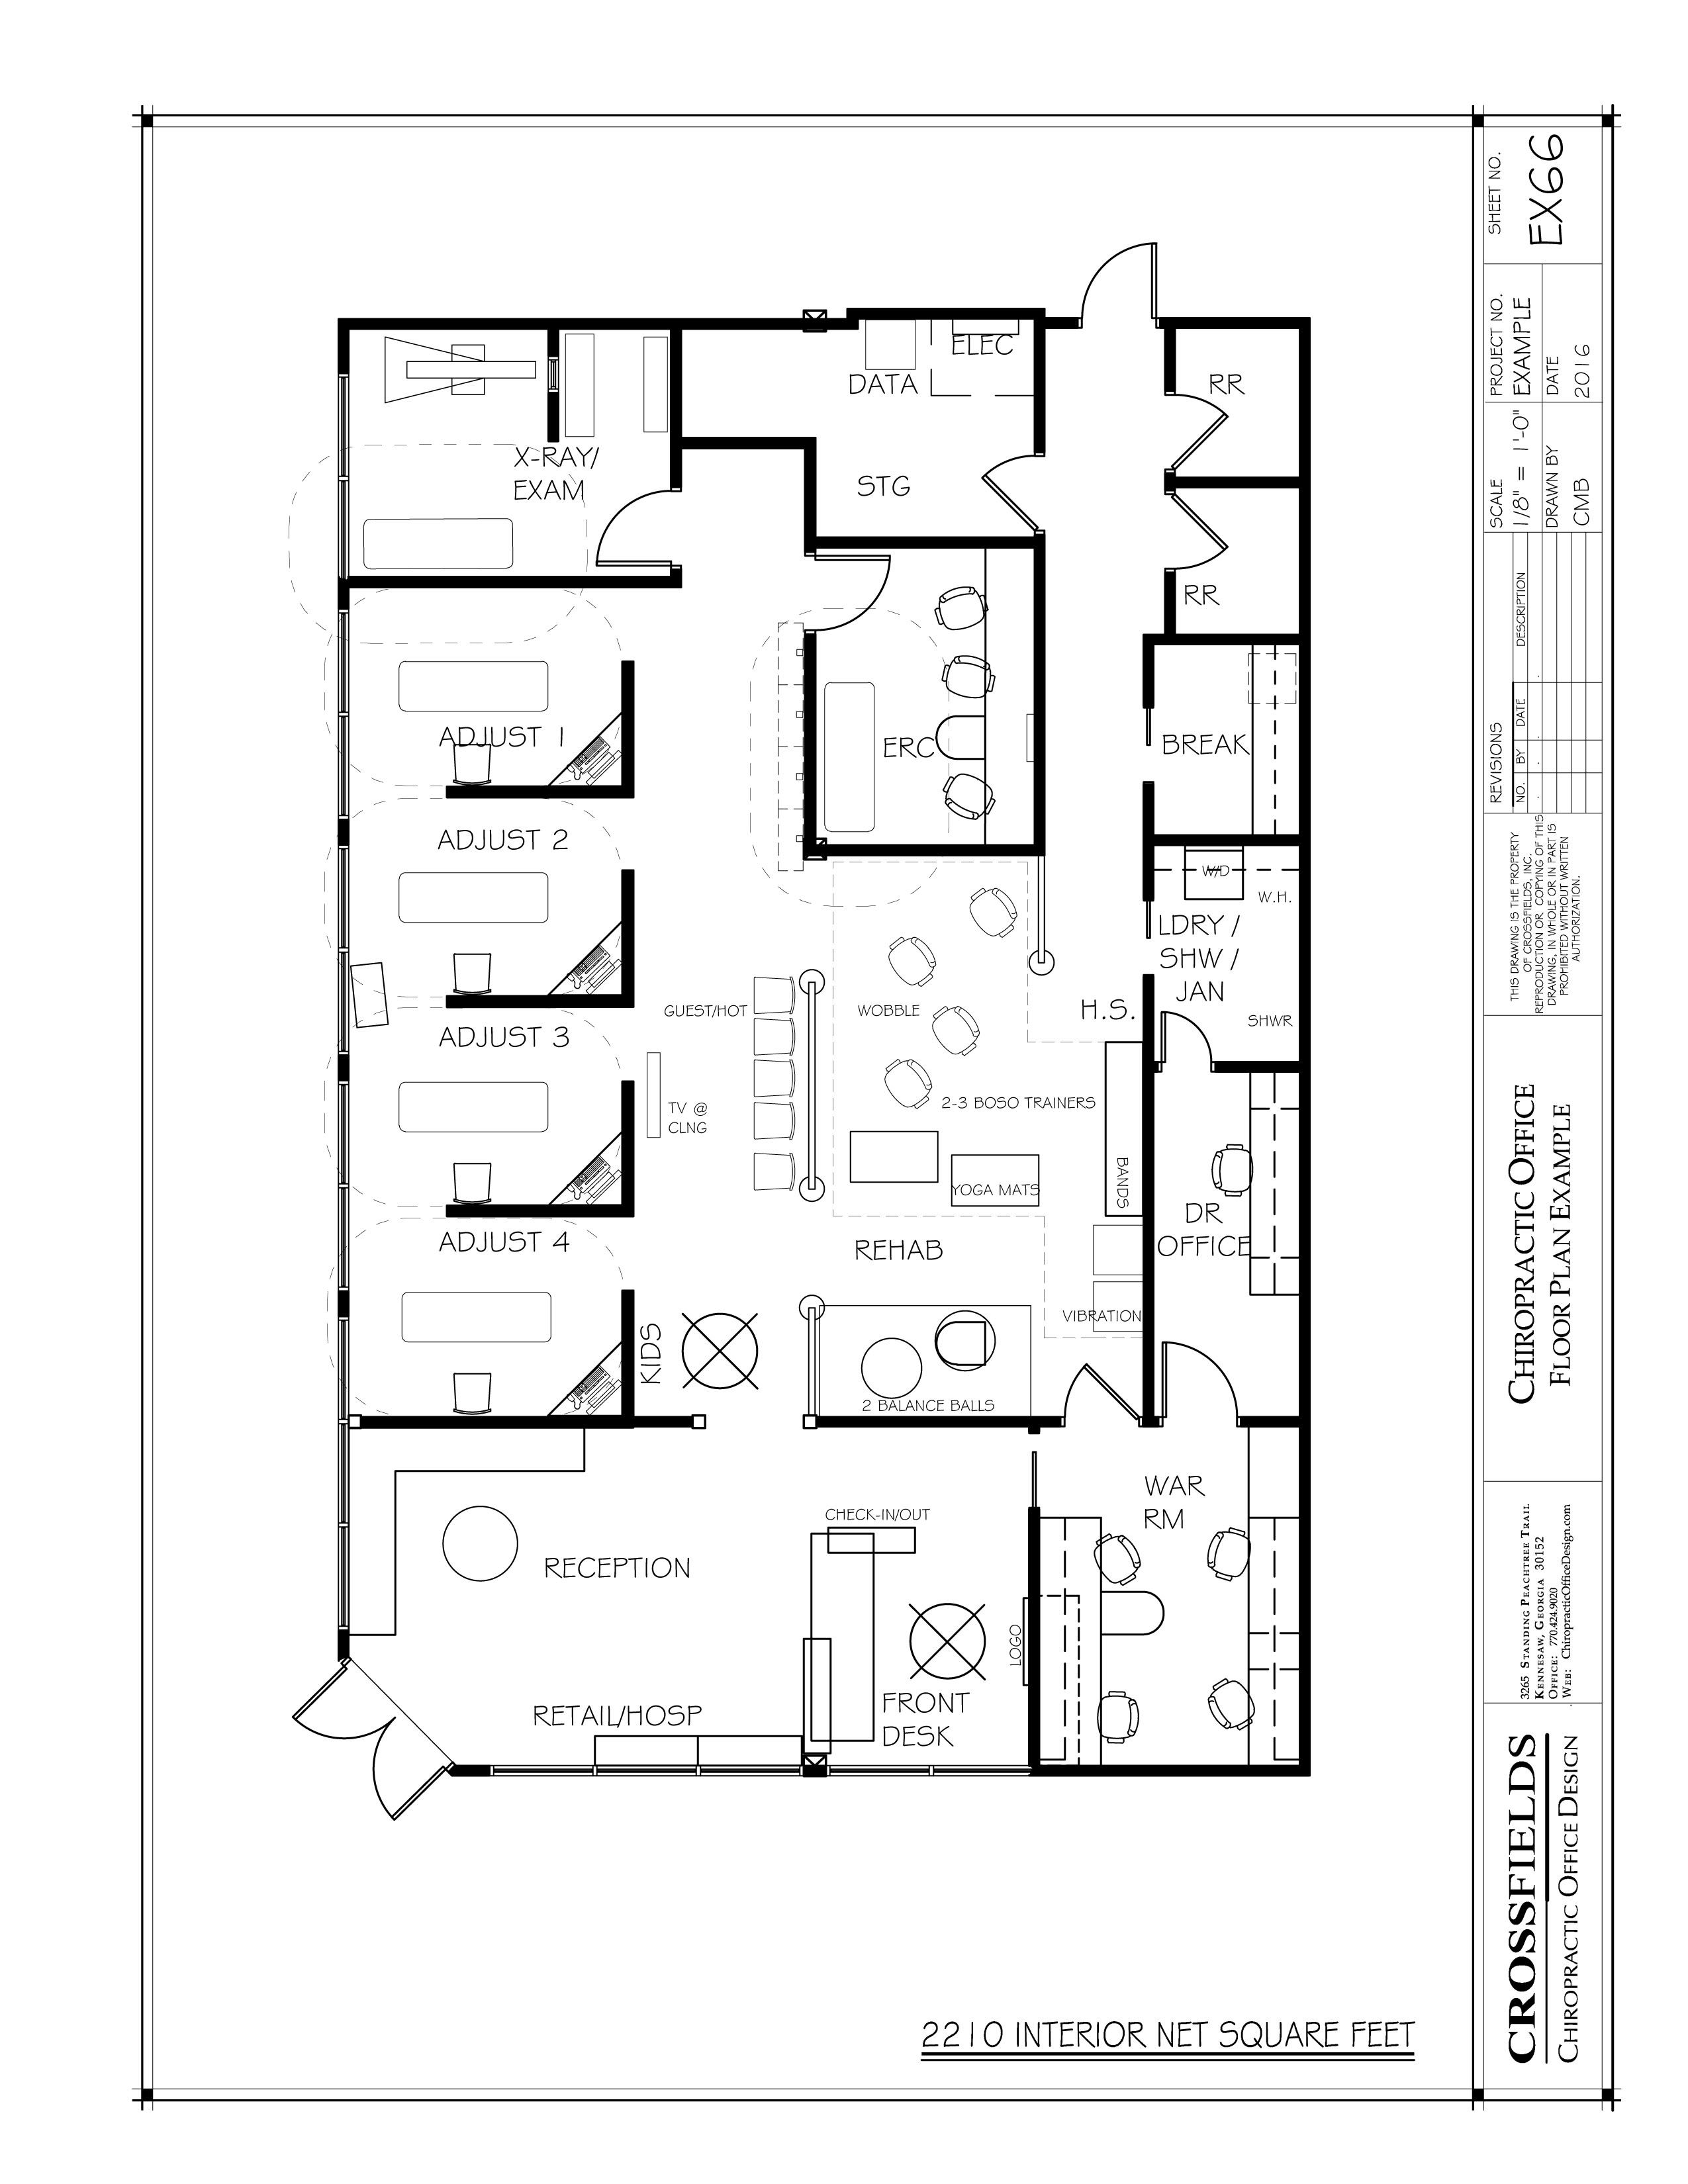 Chiropractic Office Floor Plans In